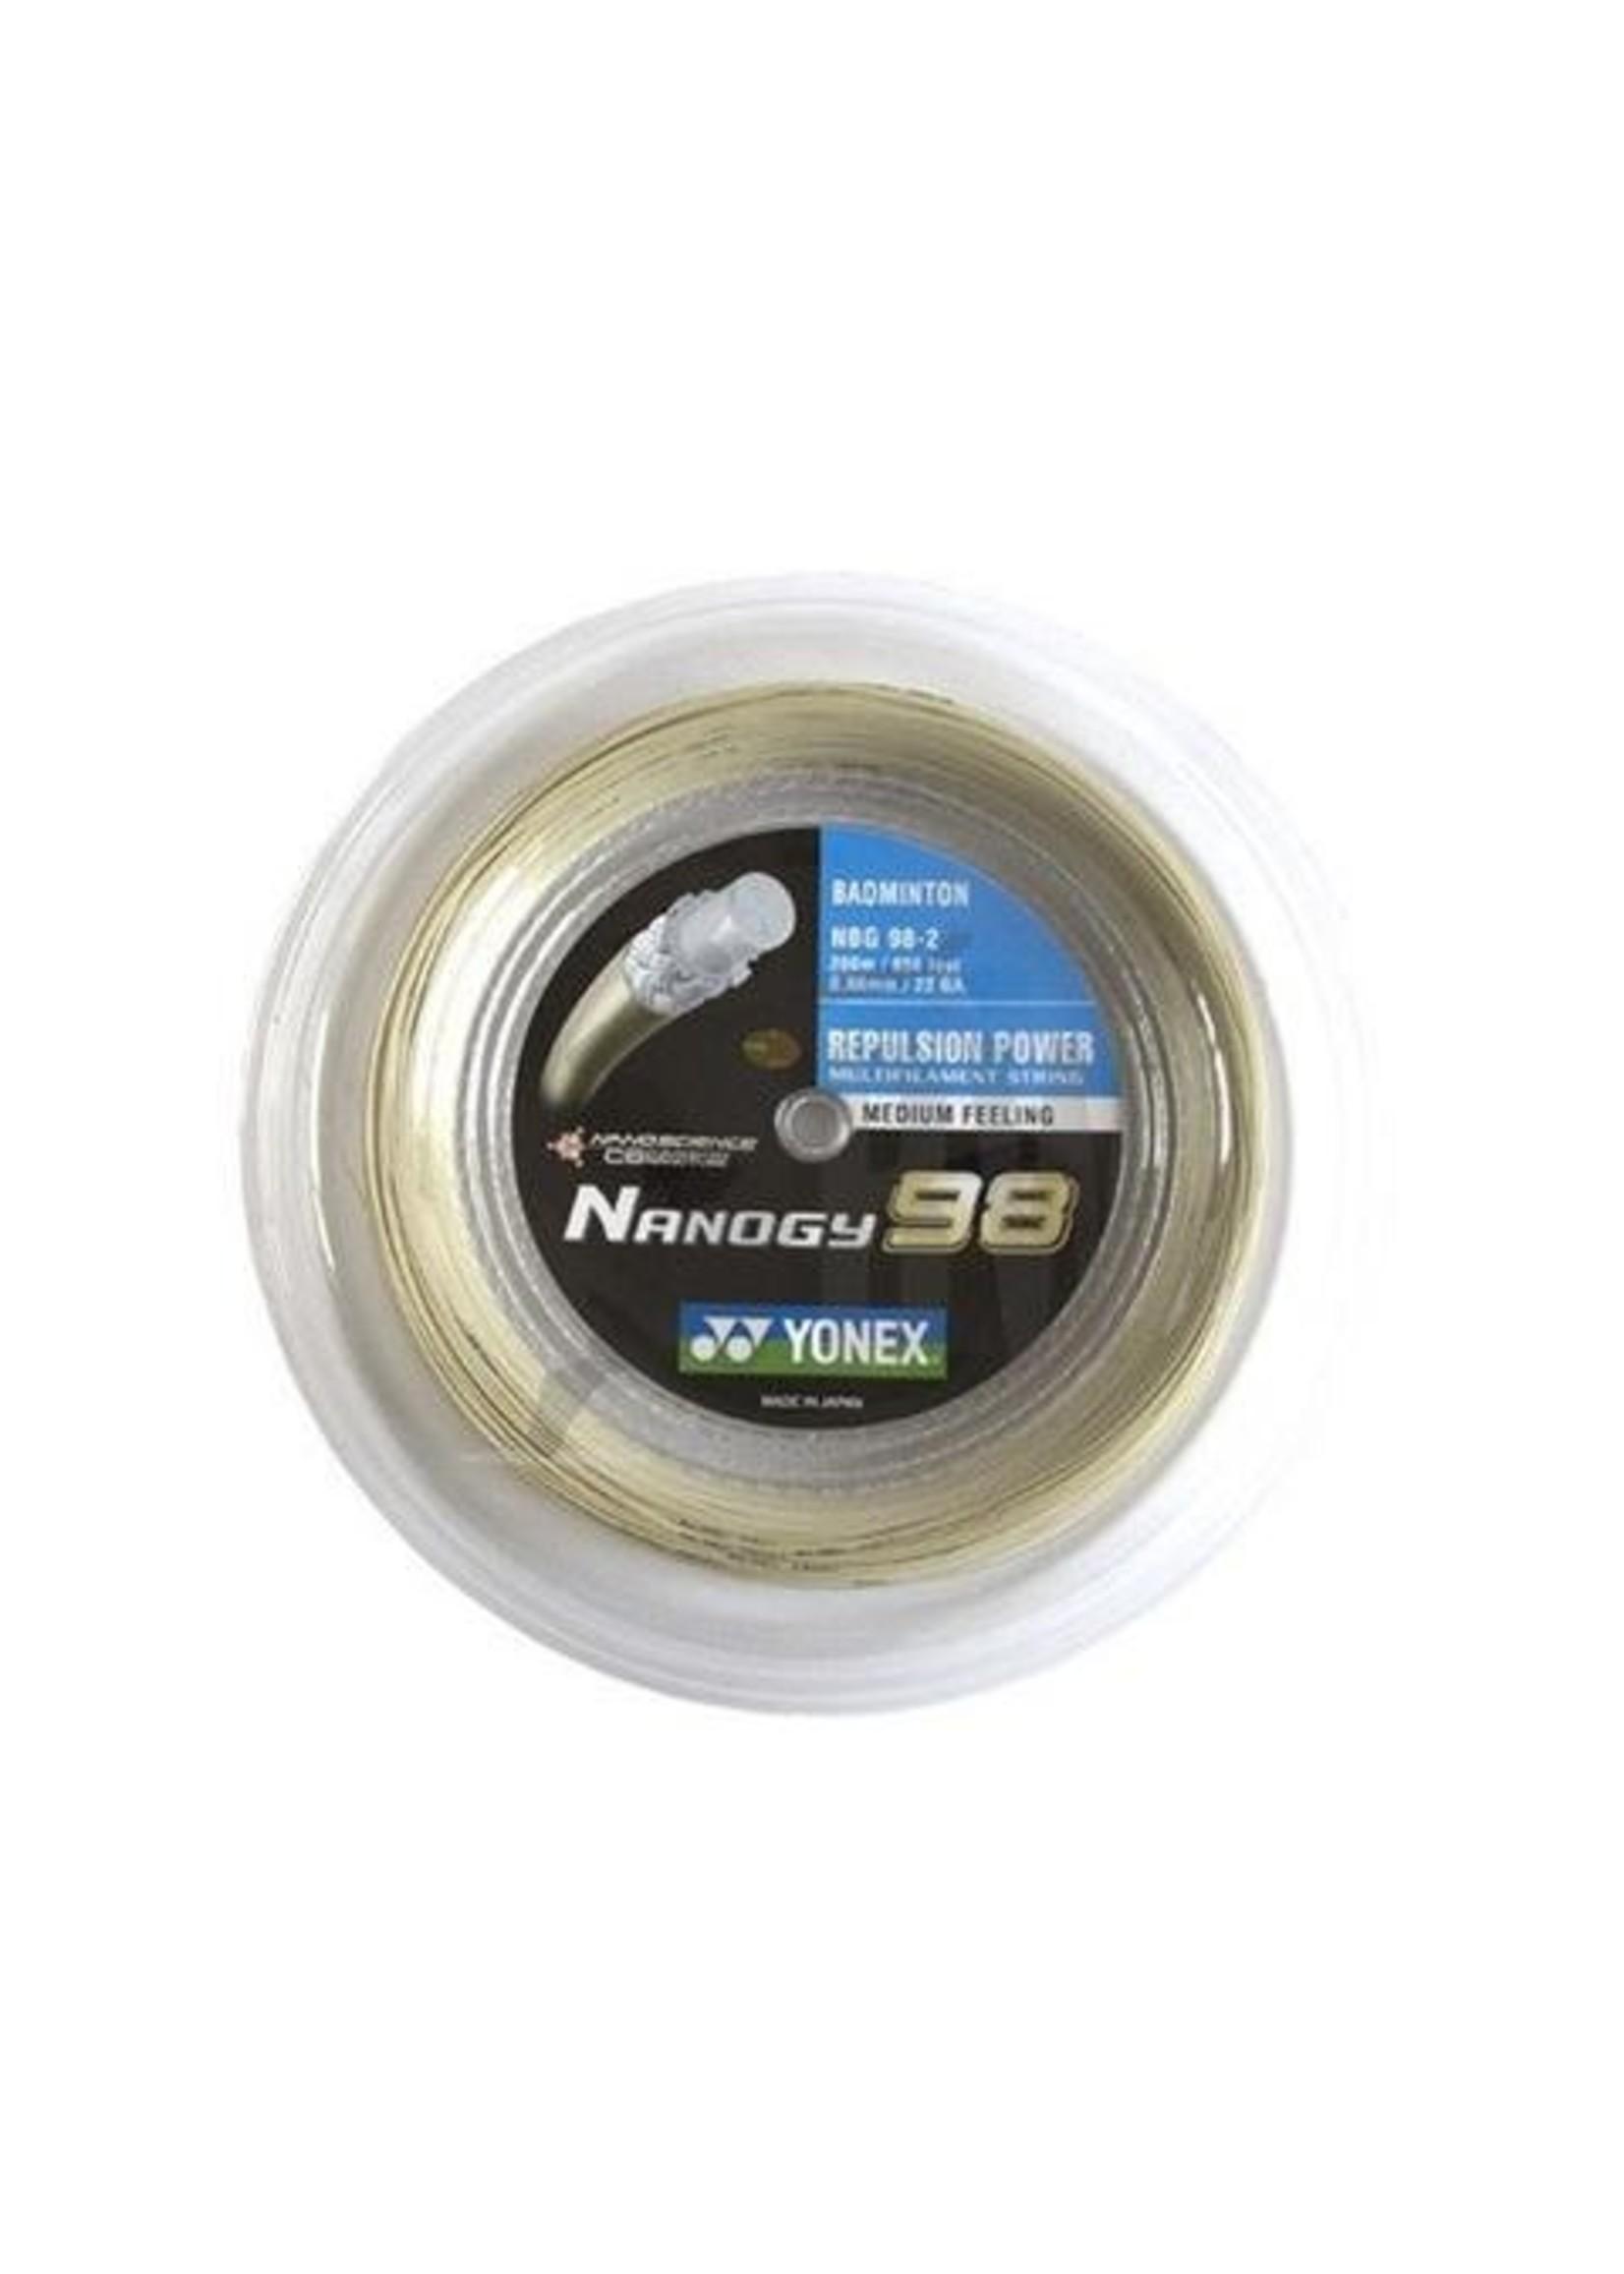 Yonex Yonex Nanogy 98 Badminton String - 200m Reel